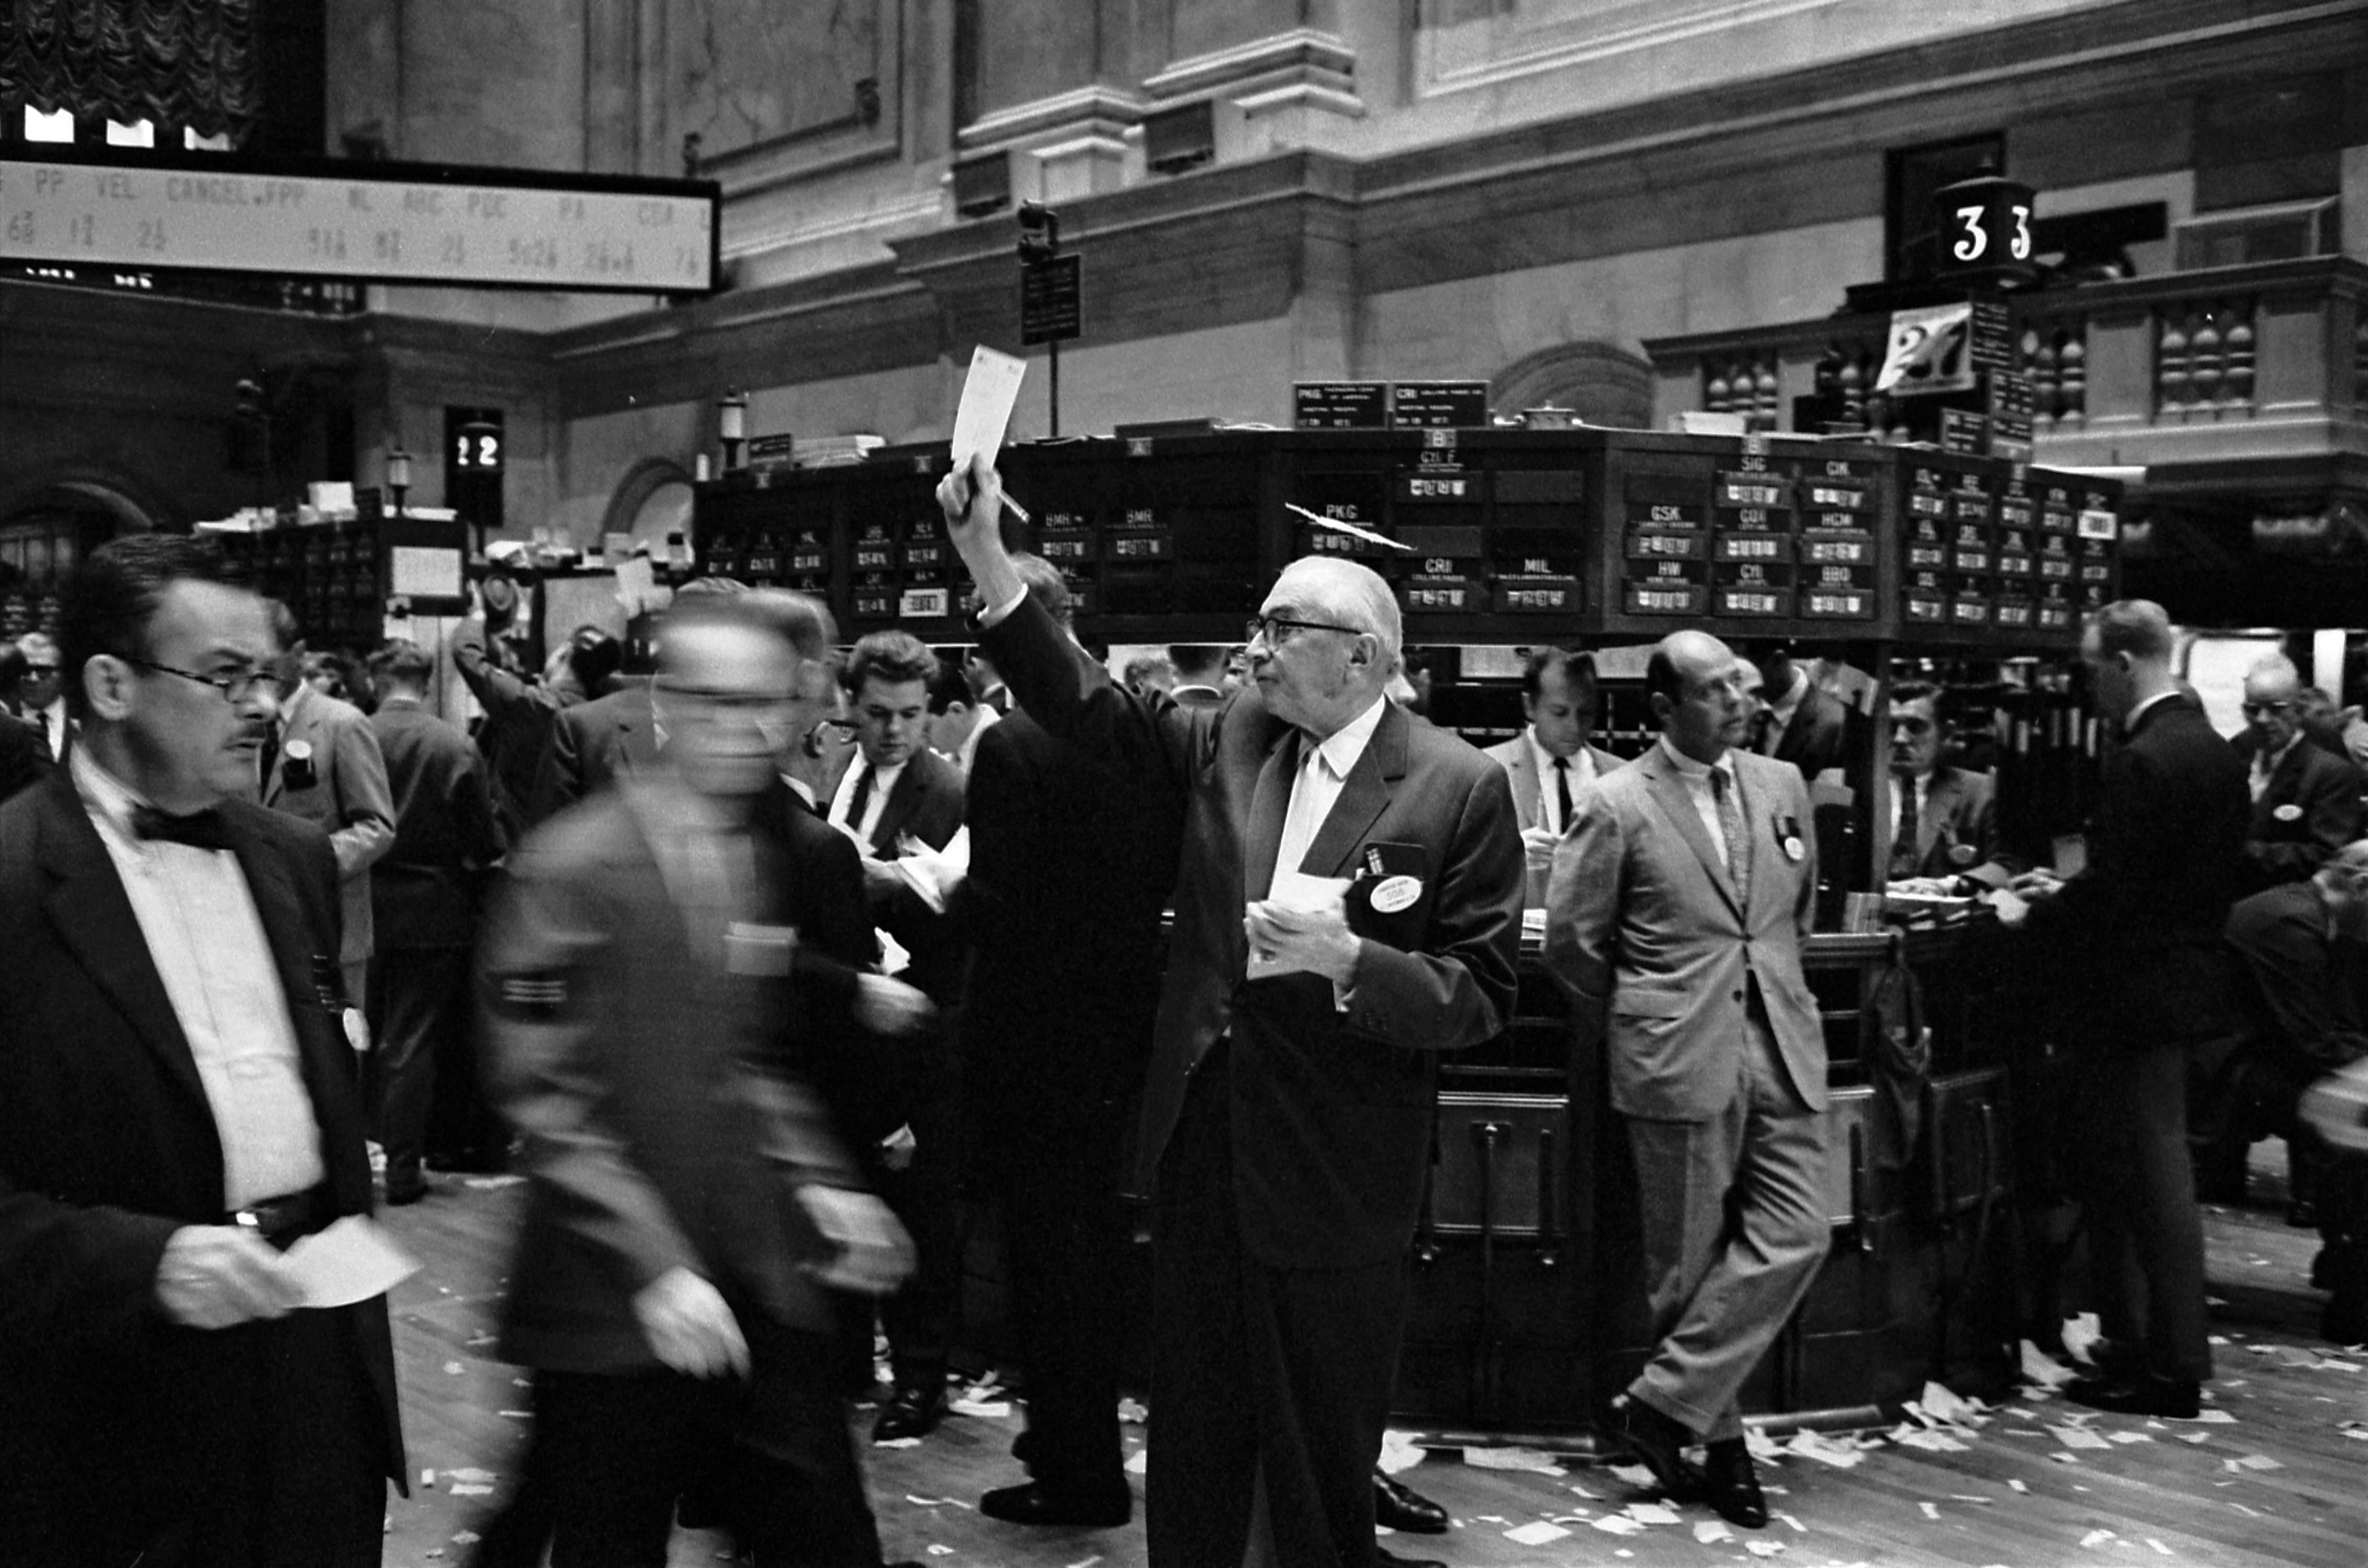 Vloerhandelaren op de New York Stock Exchange<br>